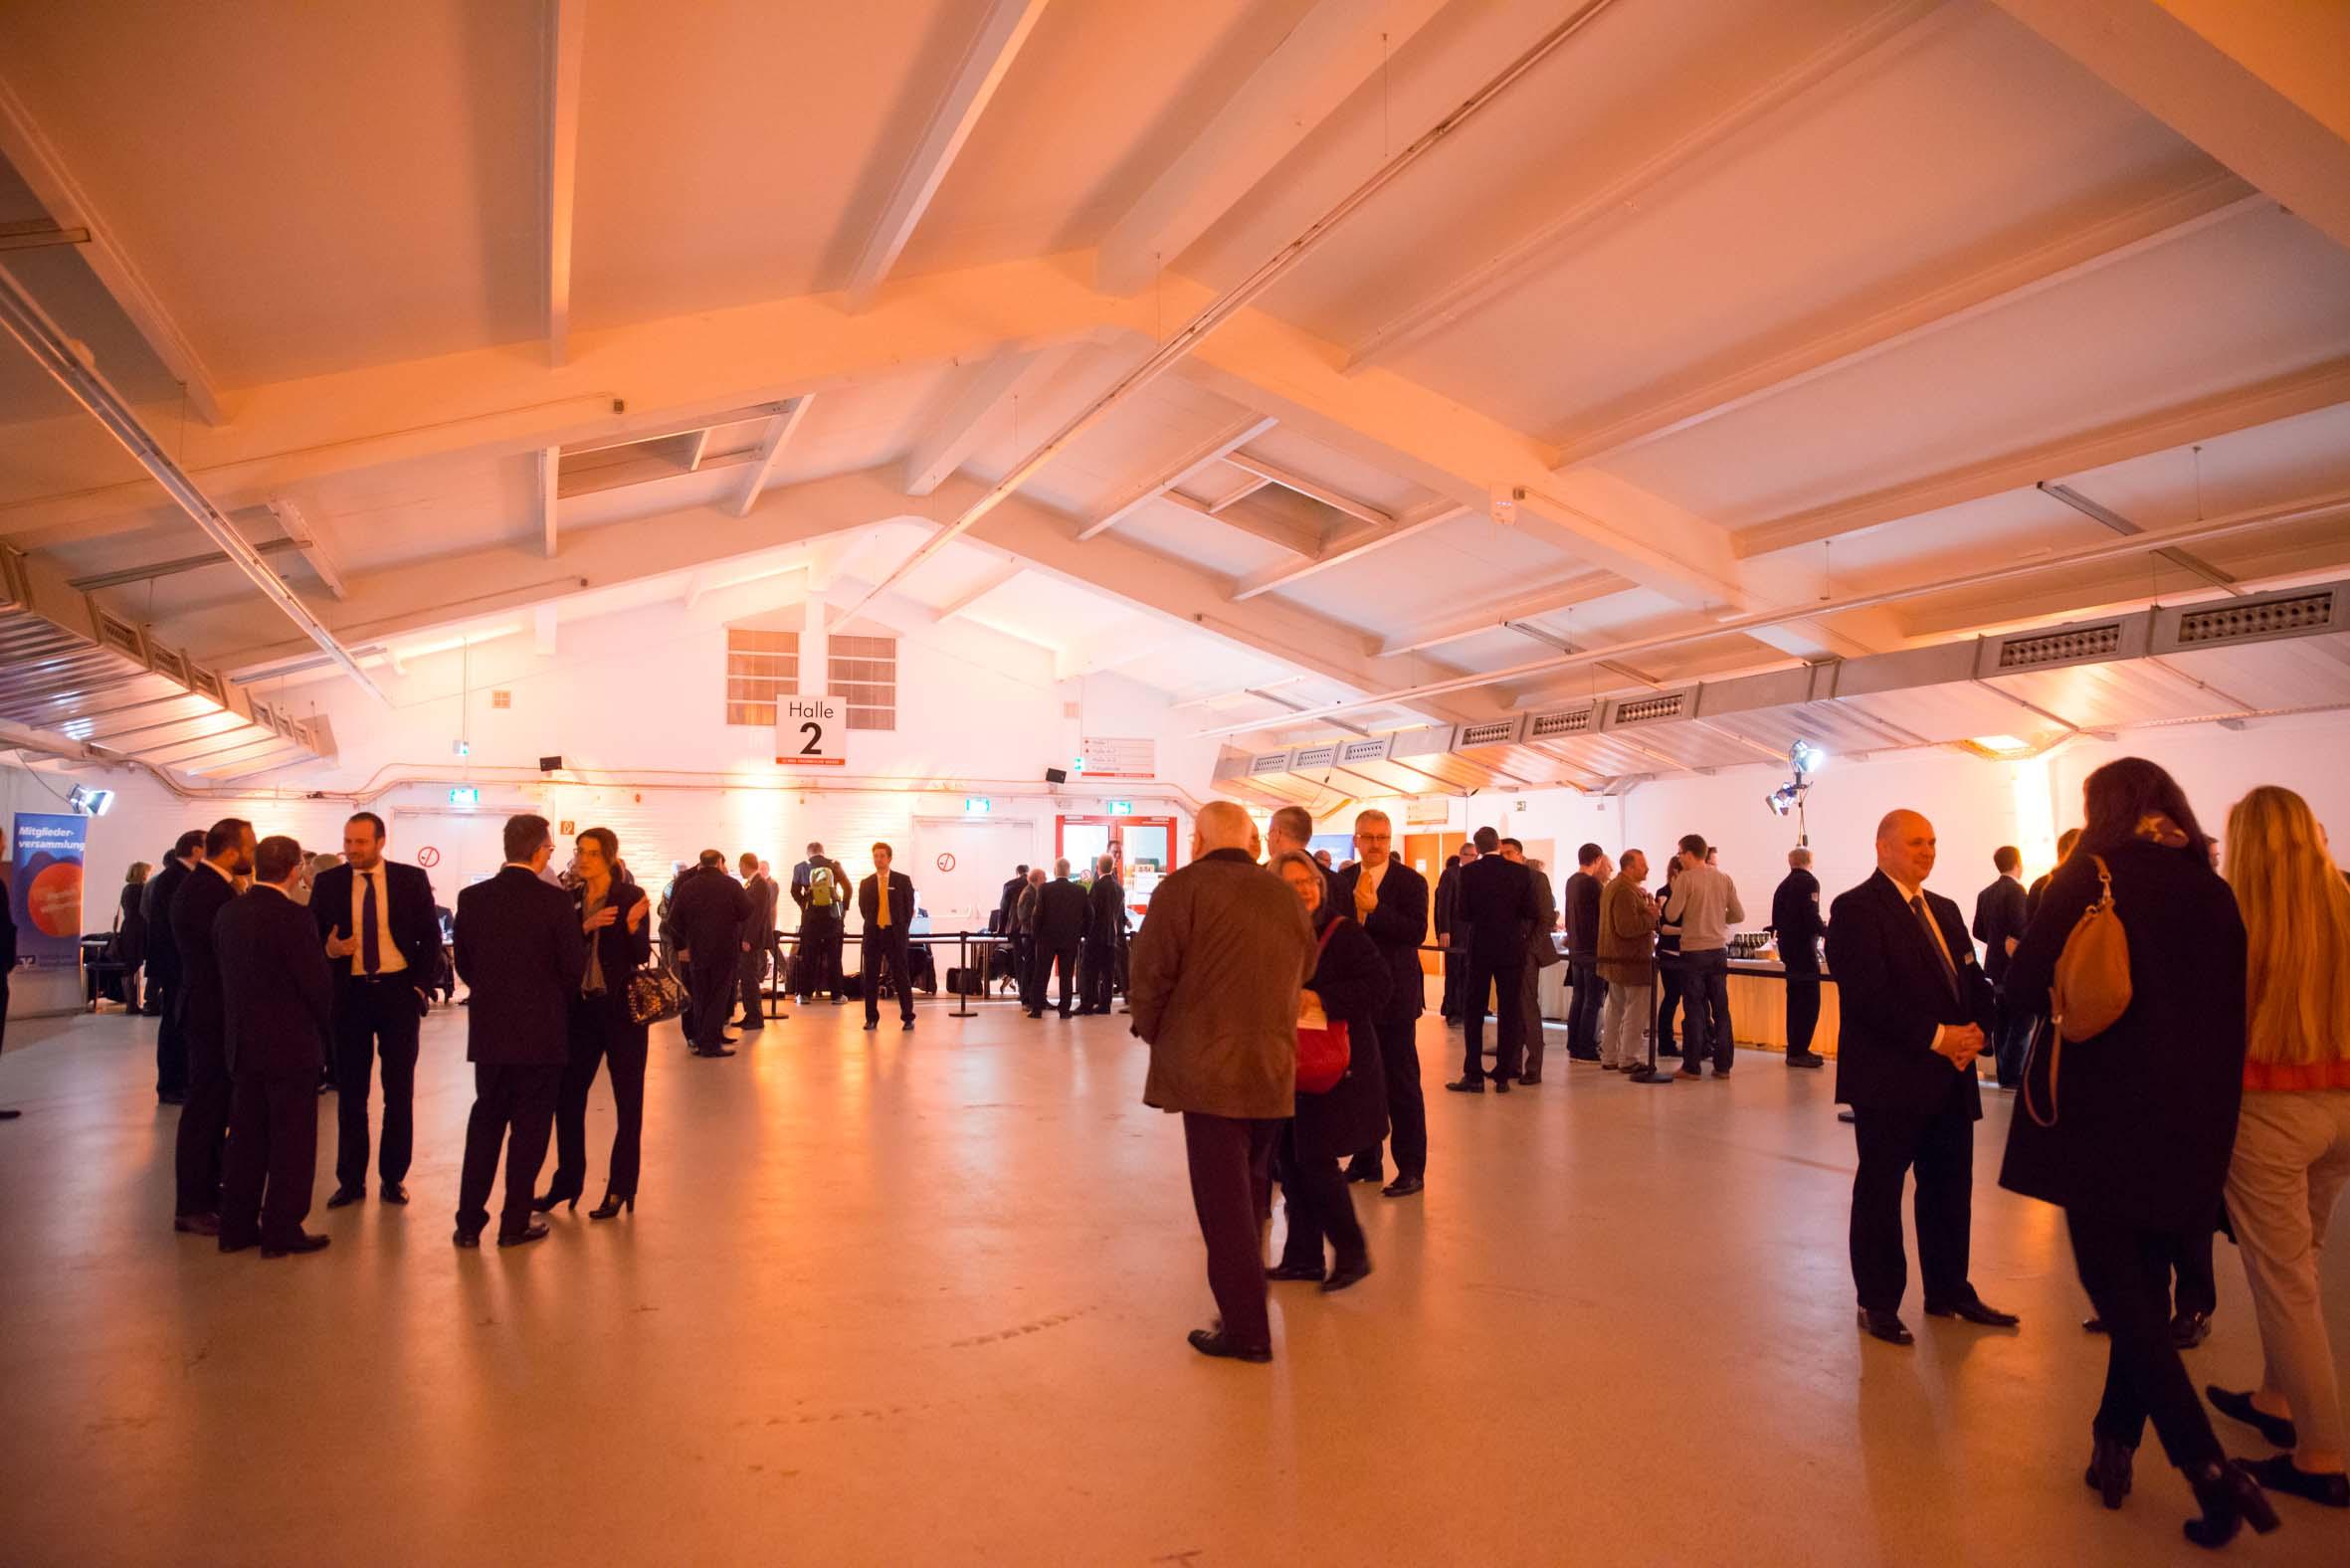 Bildergalerie Mitgliederversammlung 2015 in Gießen, Bild 14